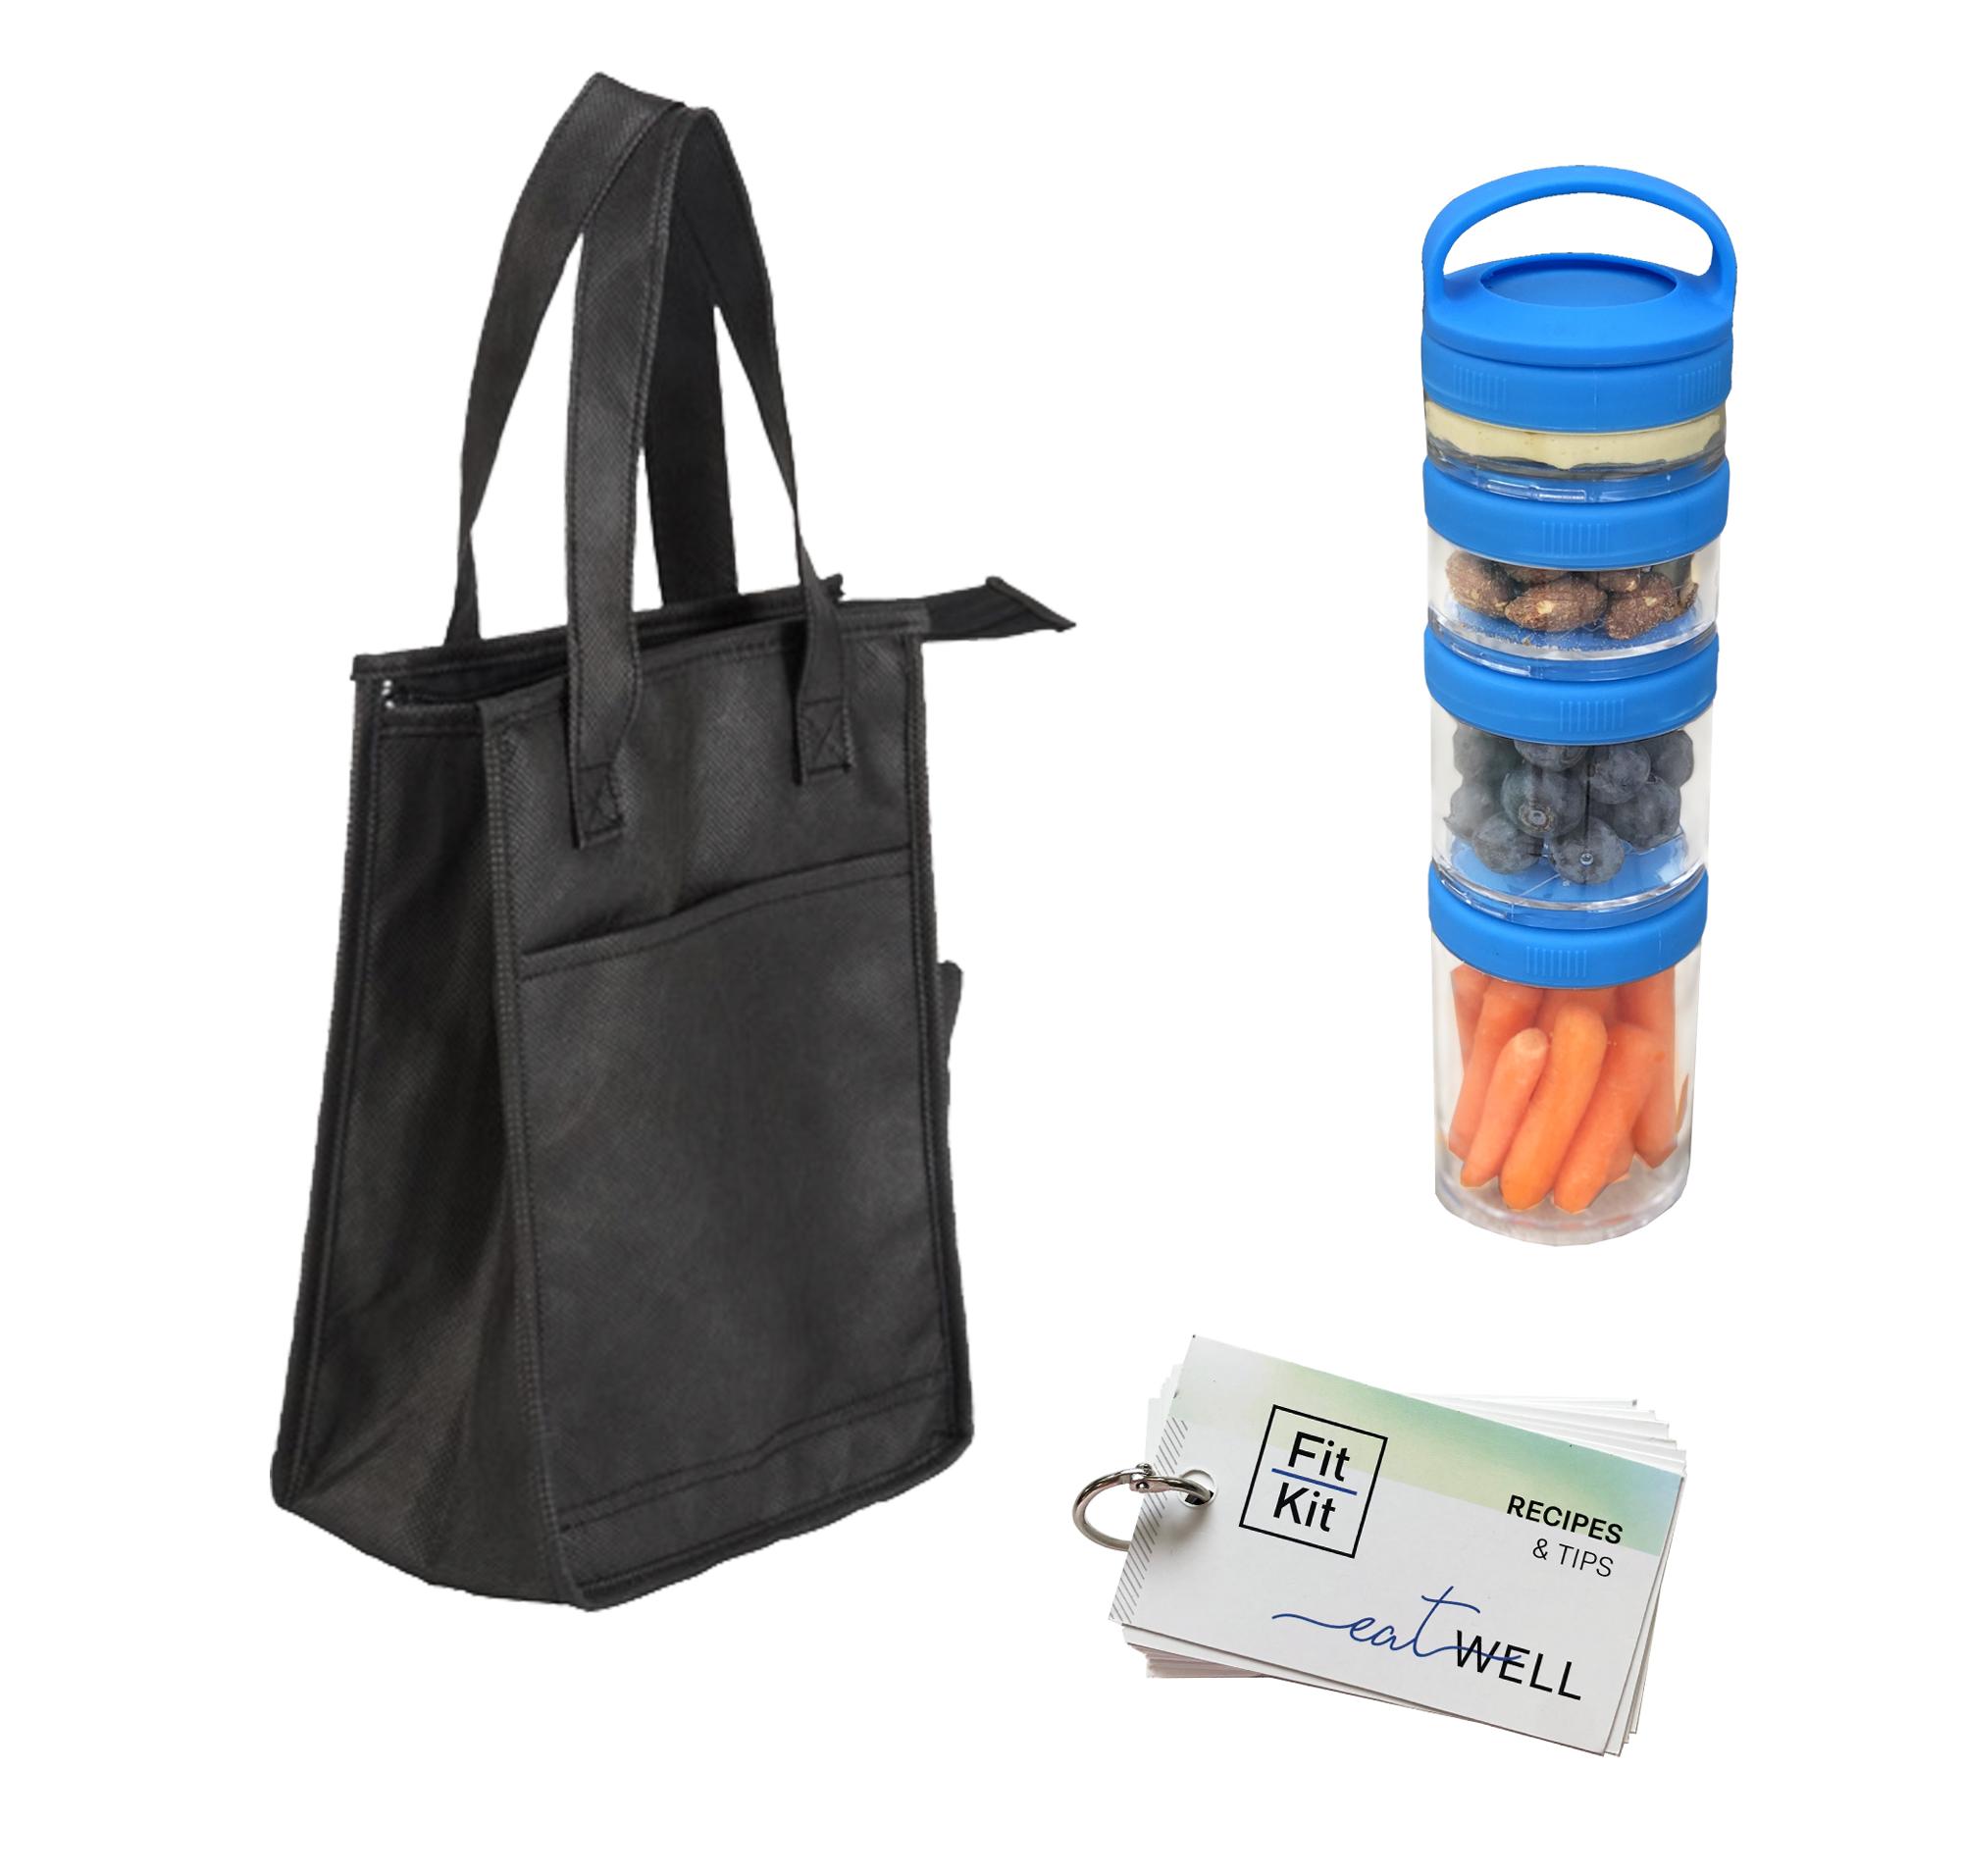 EatWell Kit